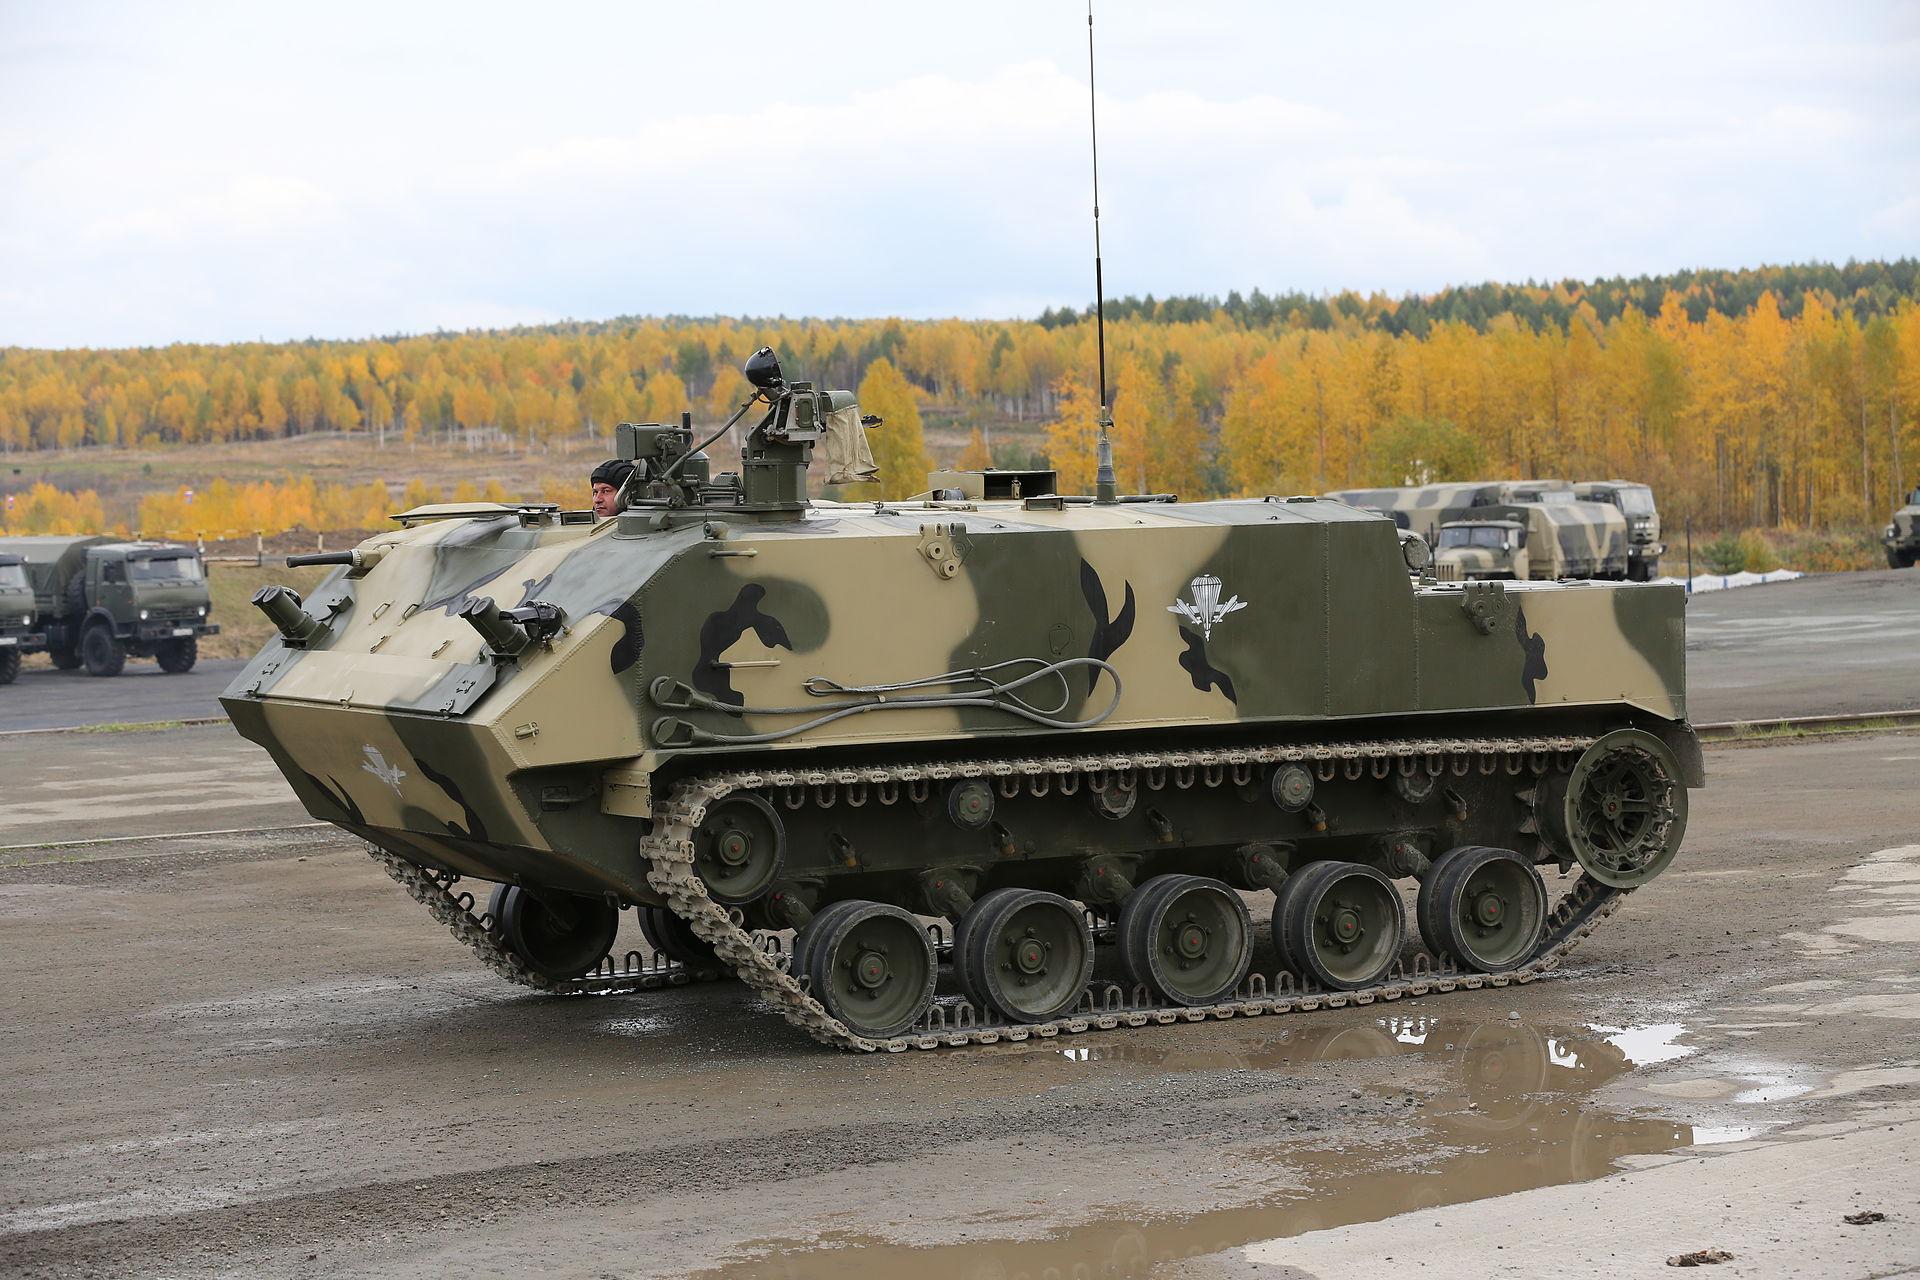 """БТР-МДМ """"Ракушка-М"""" на выставке АrmsEXPO-2013 (фото - Виталий Кузьмин, http://vitalykuzmin.net)"""